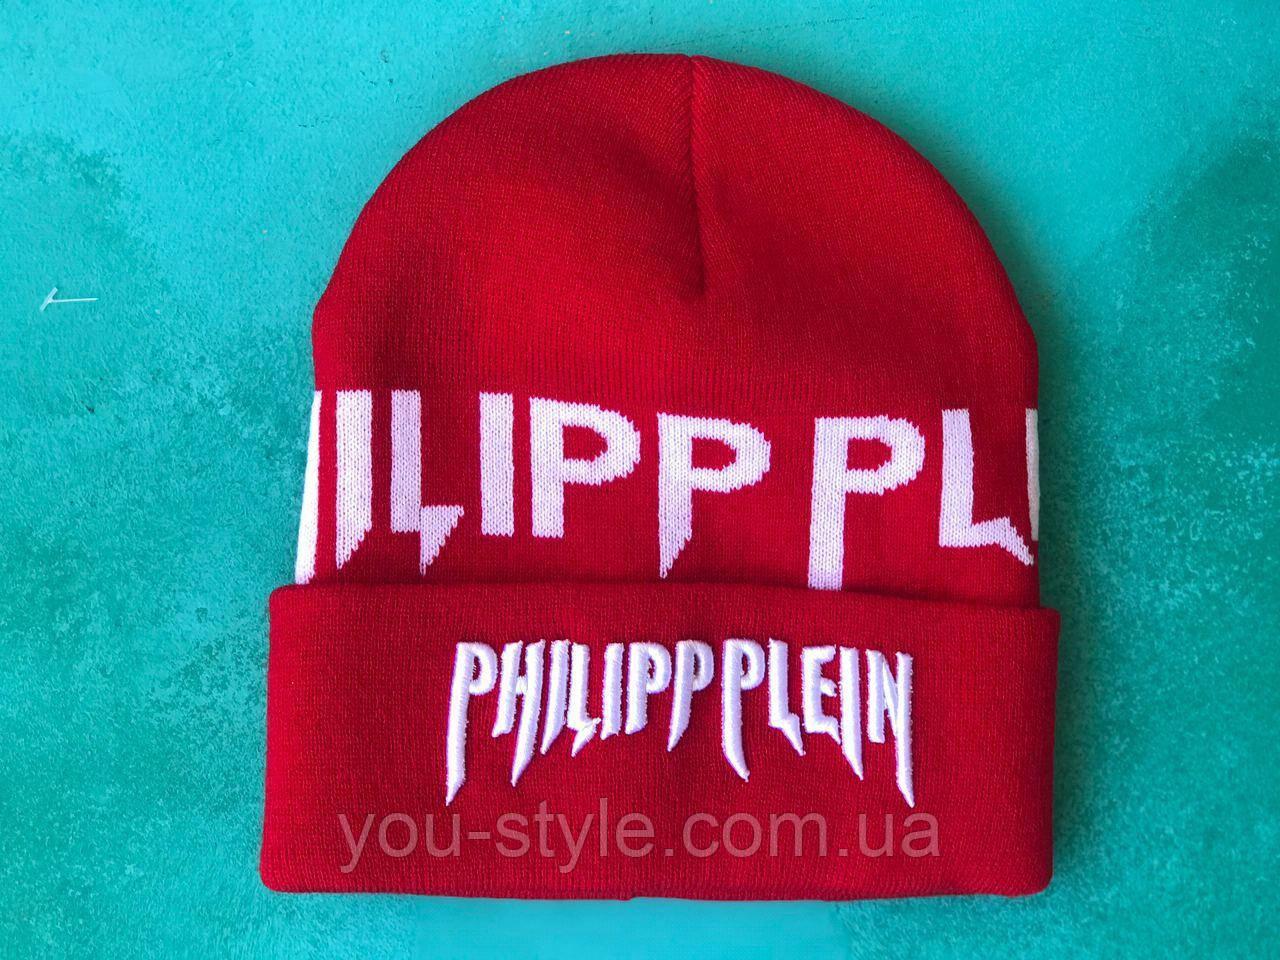 Шапка Philipp Plein / шапка филип преин / шапка женская/шапка мужская/красный